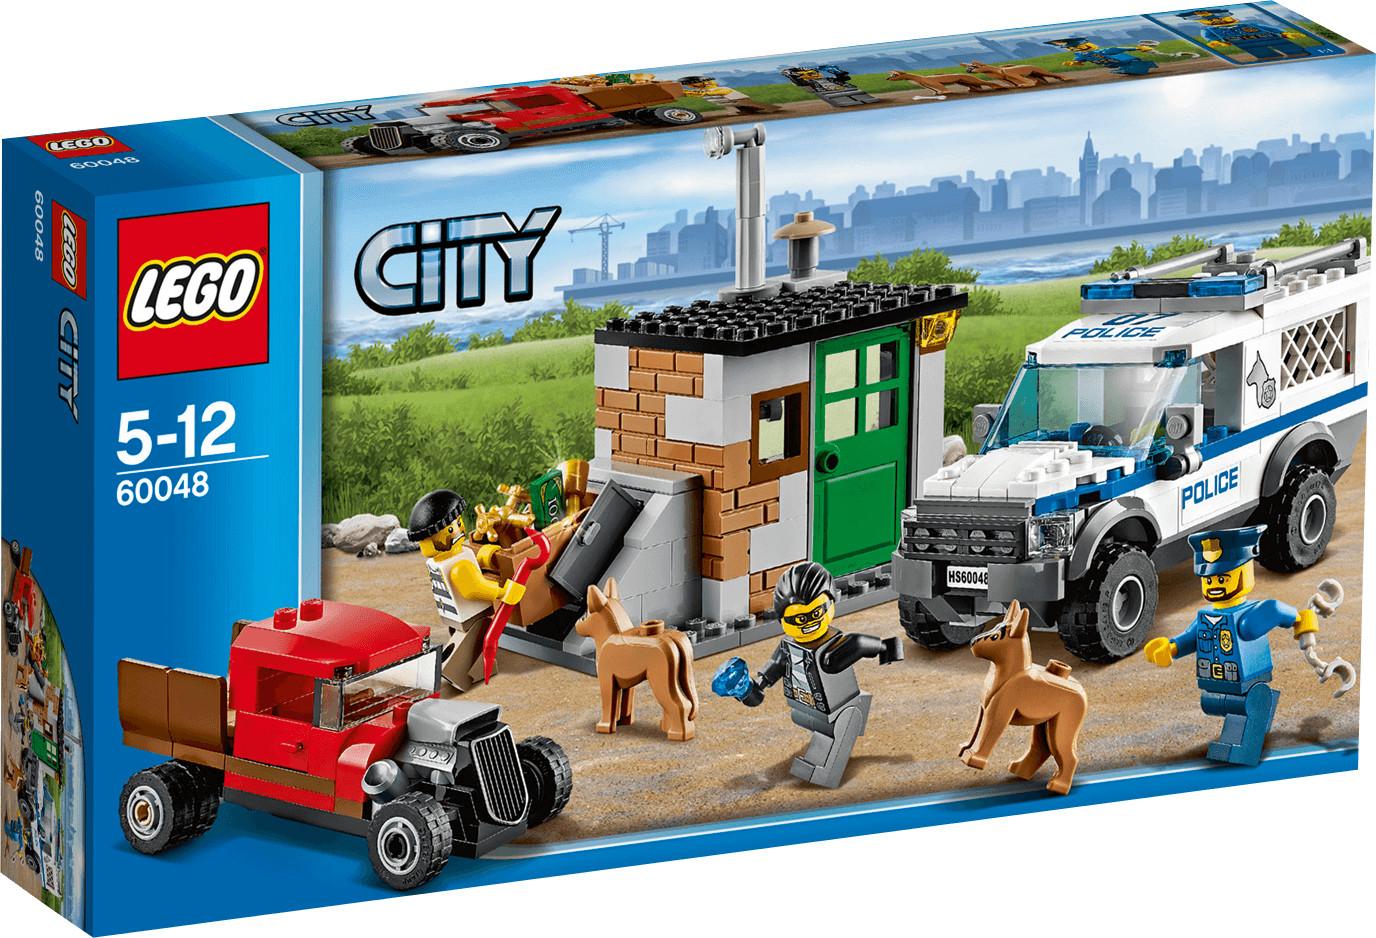 LEGO City L'intervention de la fourgonnette de police (60048)